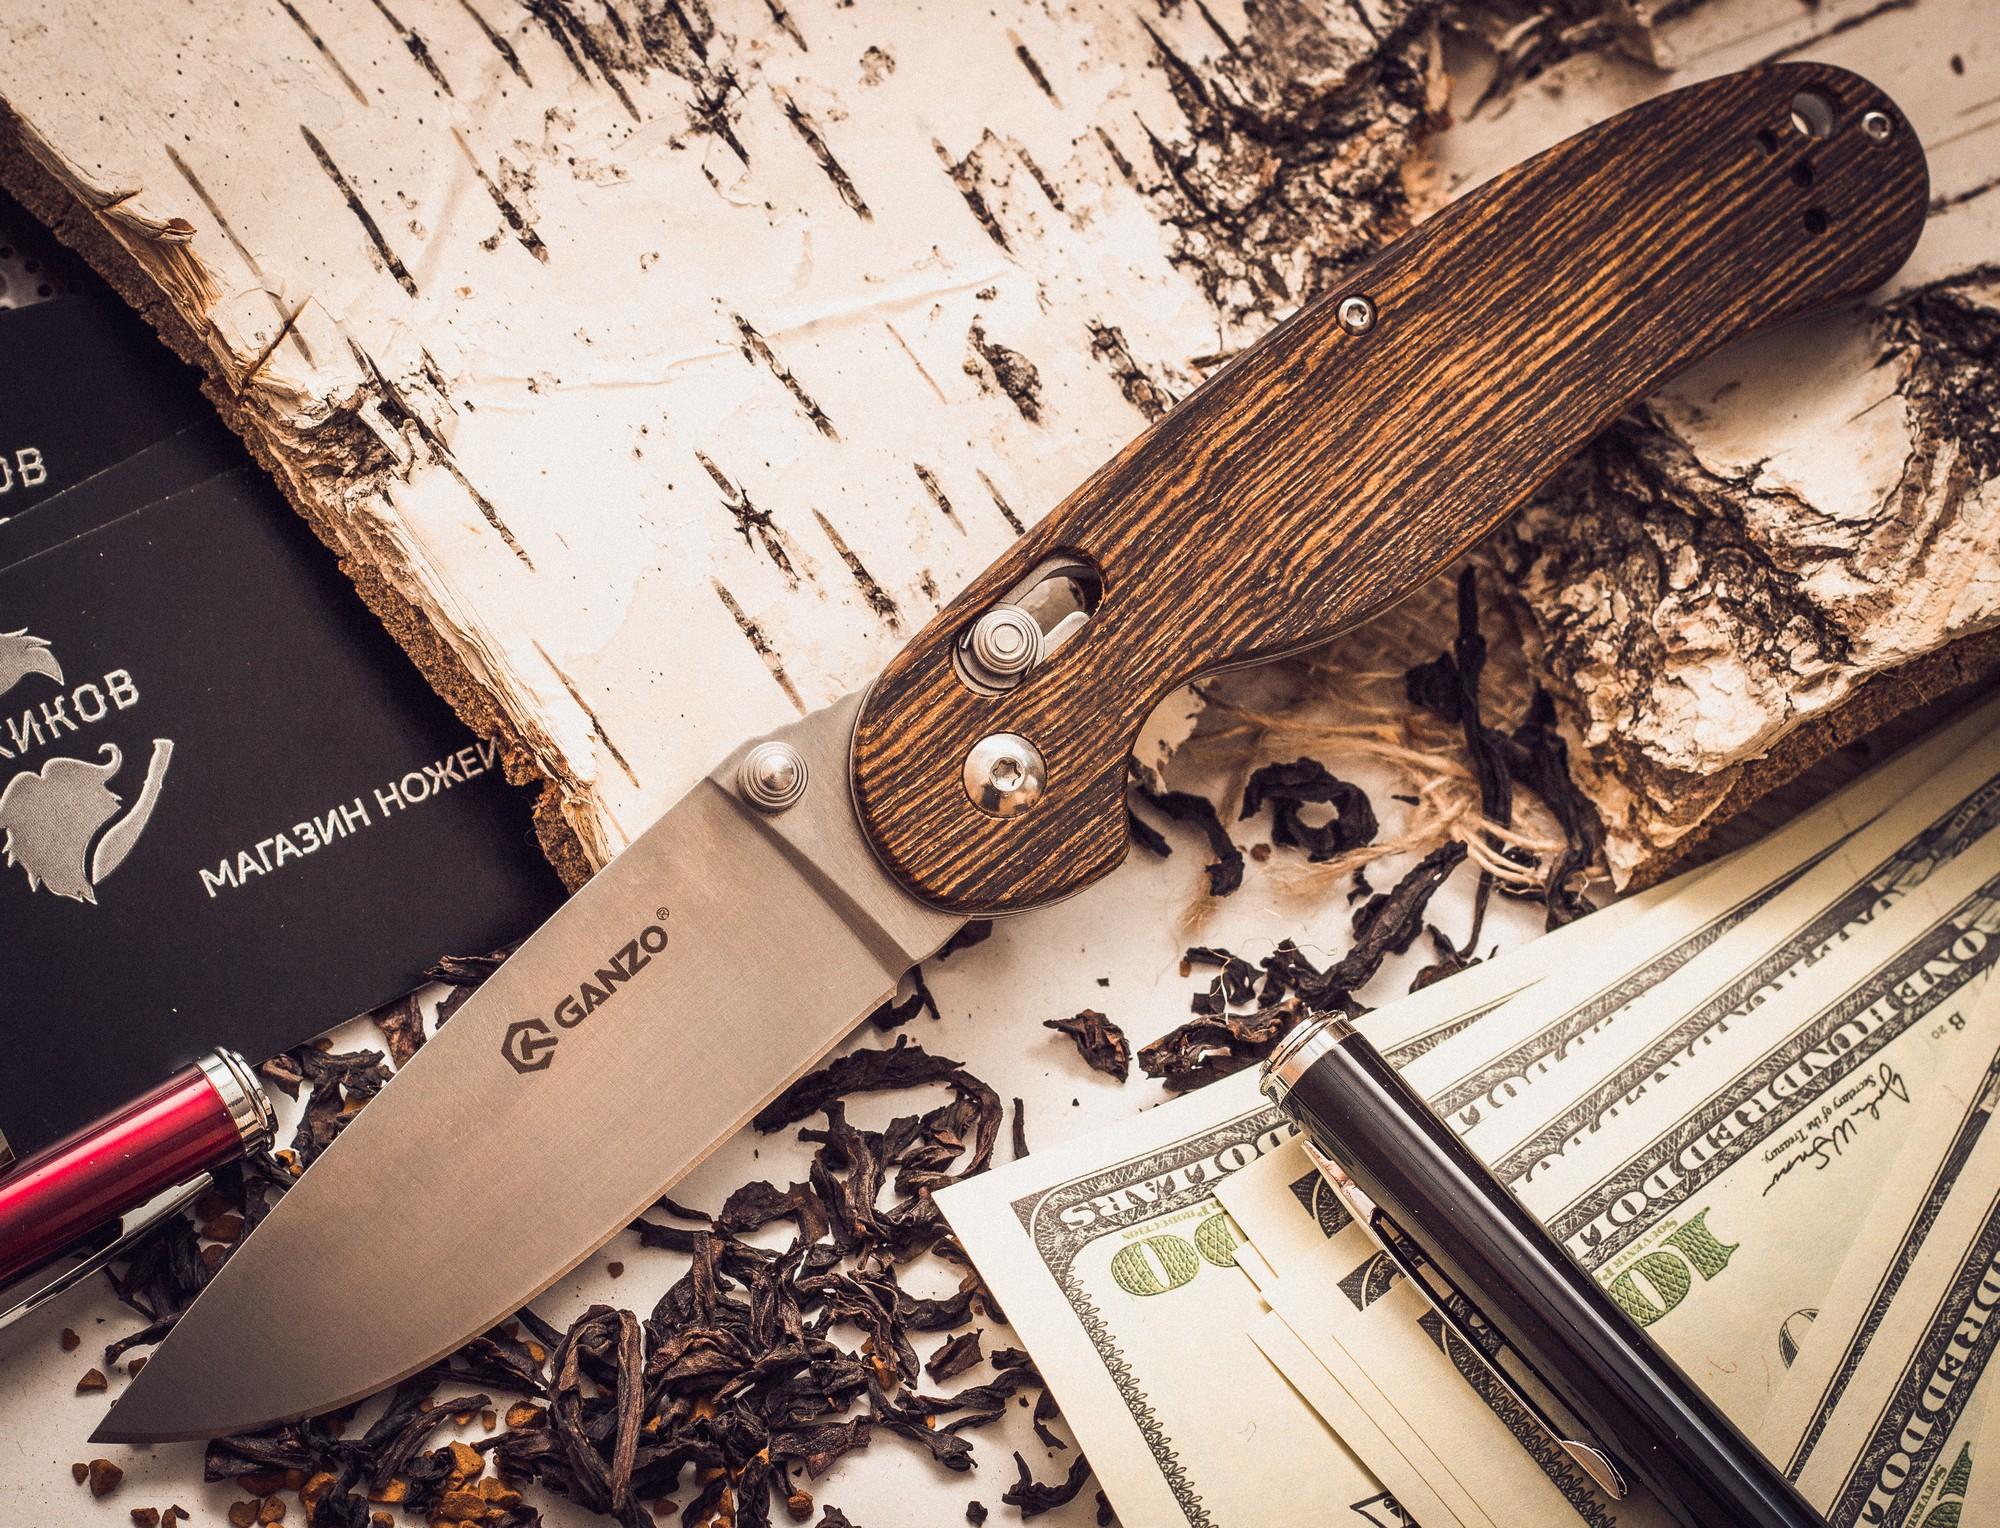 Складной нож Ganzo Rat G727M-W1 c деревянной ручкойРаскладные ножи<br>Небольшой по размеру складной нож Ganzo модели Rat G727M-W отлично подойдет туристам и всем ценителям времяпрепровождения на природе. Он очень практичный и удобный в использовании. Для этого ножа используется качественная и твердая сталь 440С, которая относится к группе нержавеющих сплавов. При твердости 58 HRC, этот металл в течение длительного периода остается острым после каждой заточки, но все же позволяет проводить процедуру затачивания качественно даже в полевых условиях. Сталь 440С достаточно просто протереть насухо, чтобы предотвратить появления коррозии после использования ножа. Режущая кромка лезвия гладкая, а потому нож GanzoКрысаG727M-W хорошо режет почти любой материал. Острие ножа поднято кверху, что позволяет при размере клинка 89 мм удлинить непосредственно режущую кромку. Поверхность лезвия — сатиновая, с достаточно заметными штрихами. Однако такая обработка нисколько не уменьшает сопротивляемость ножа коррозии.<br>